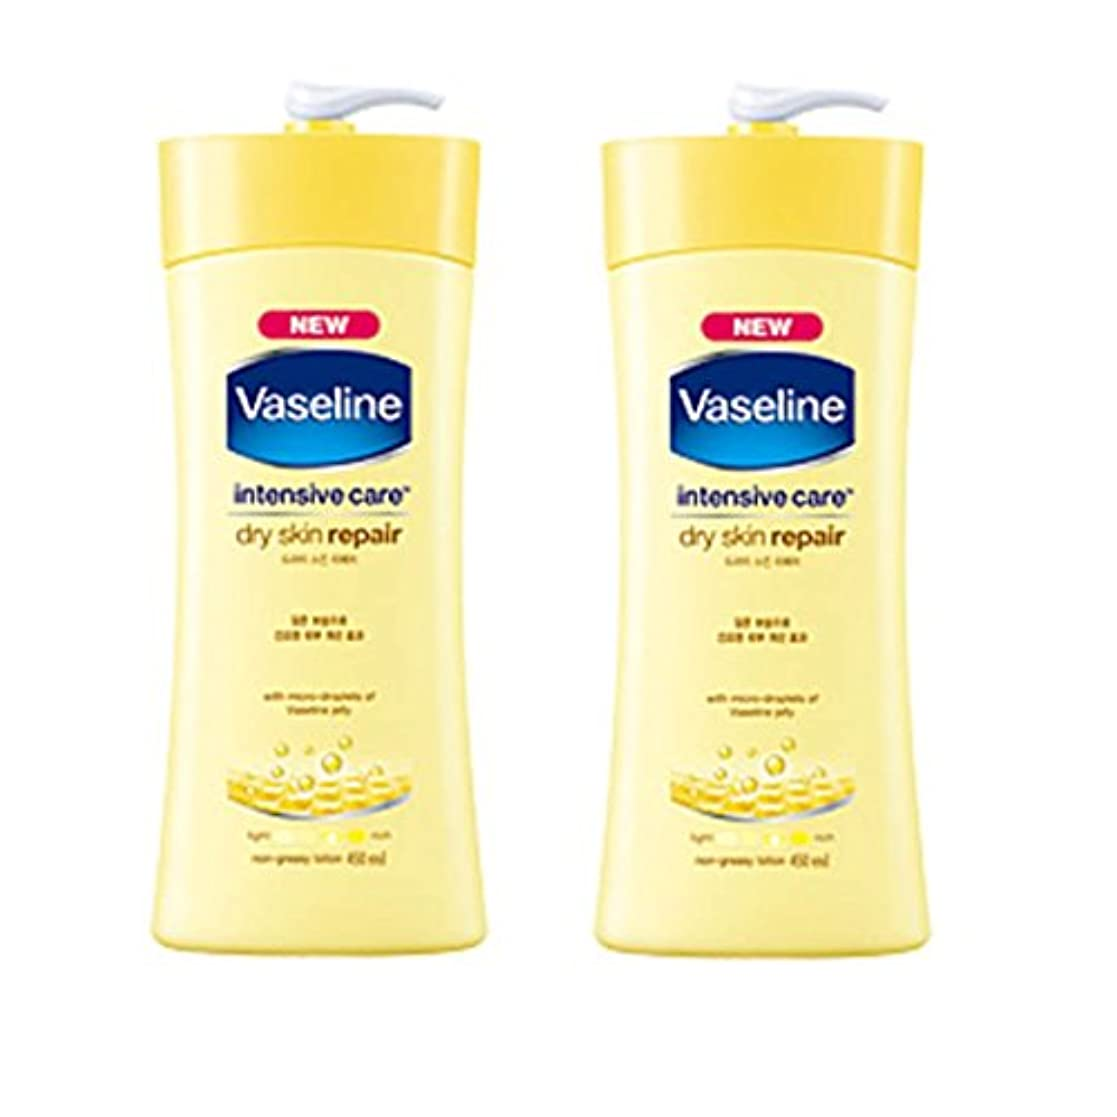 うるさいバッチロマンチックヴァセリン インテンシブケア ドライスキン リペアローション(Vaseline Intensive Care Dry Skin Repair Lotion) 450ml X 2個 [並行輸入品]